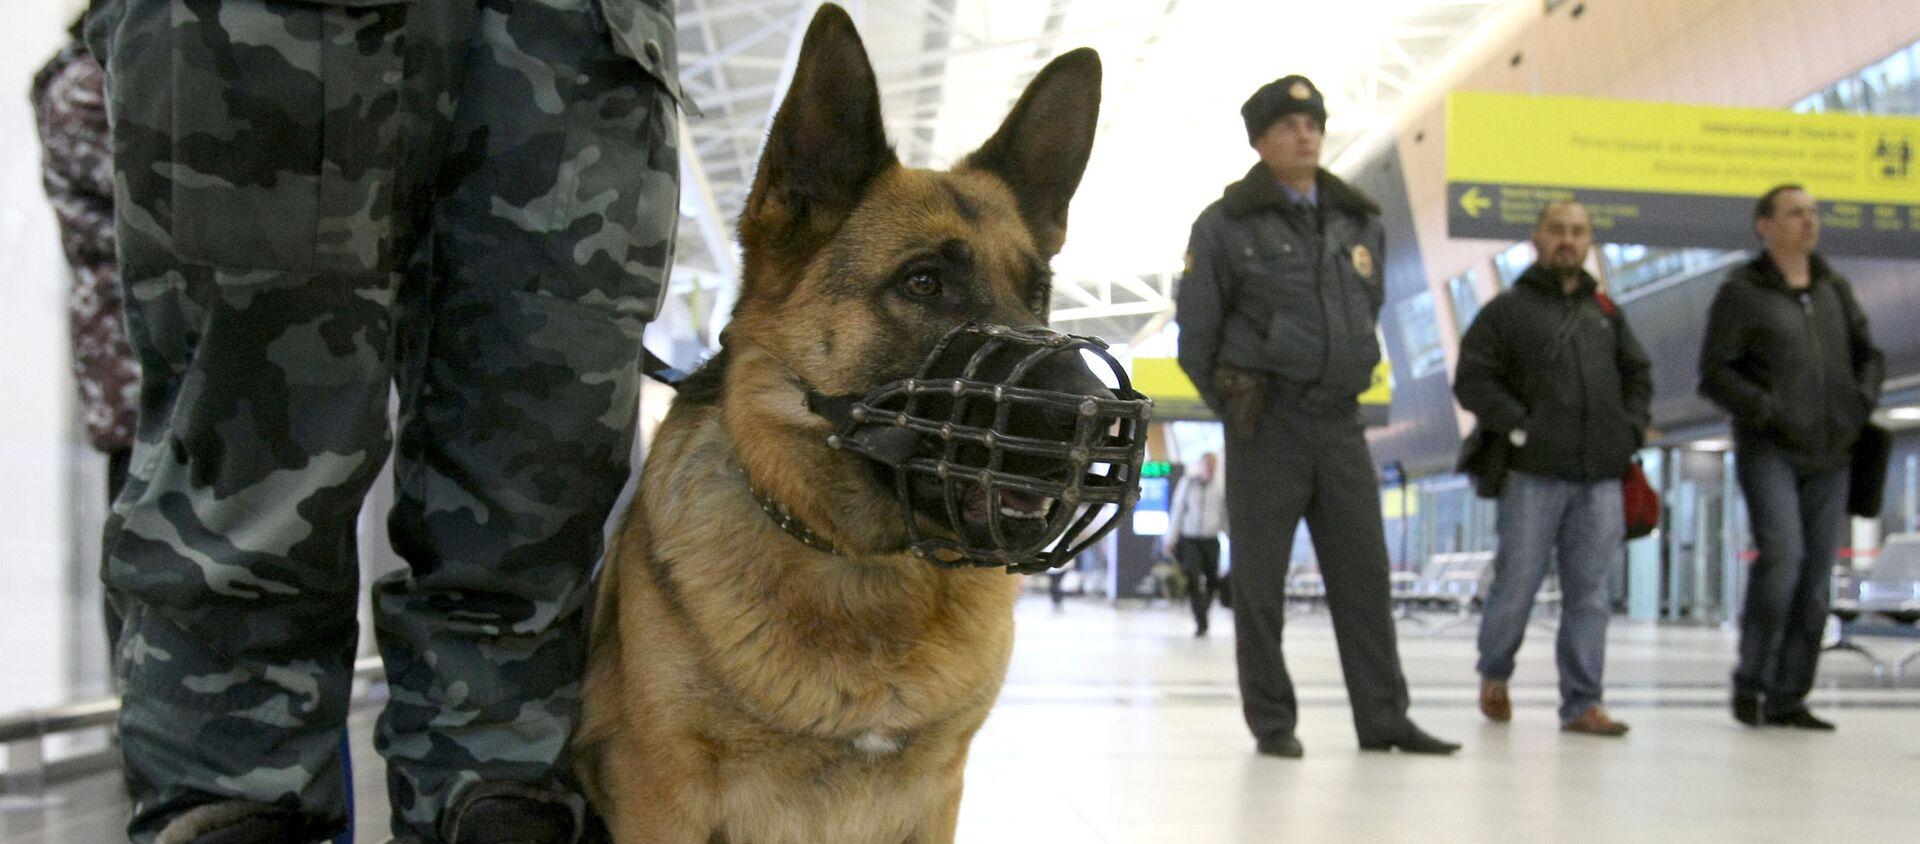 警察犬 - Sputnik 日本, 1920, 11.09.2020